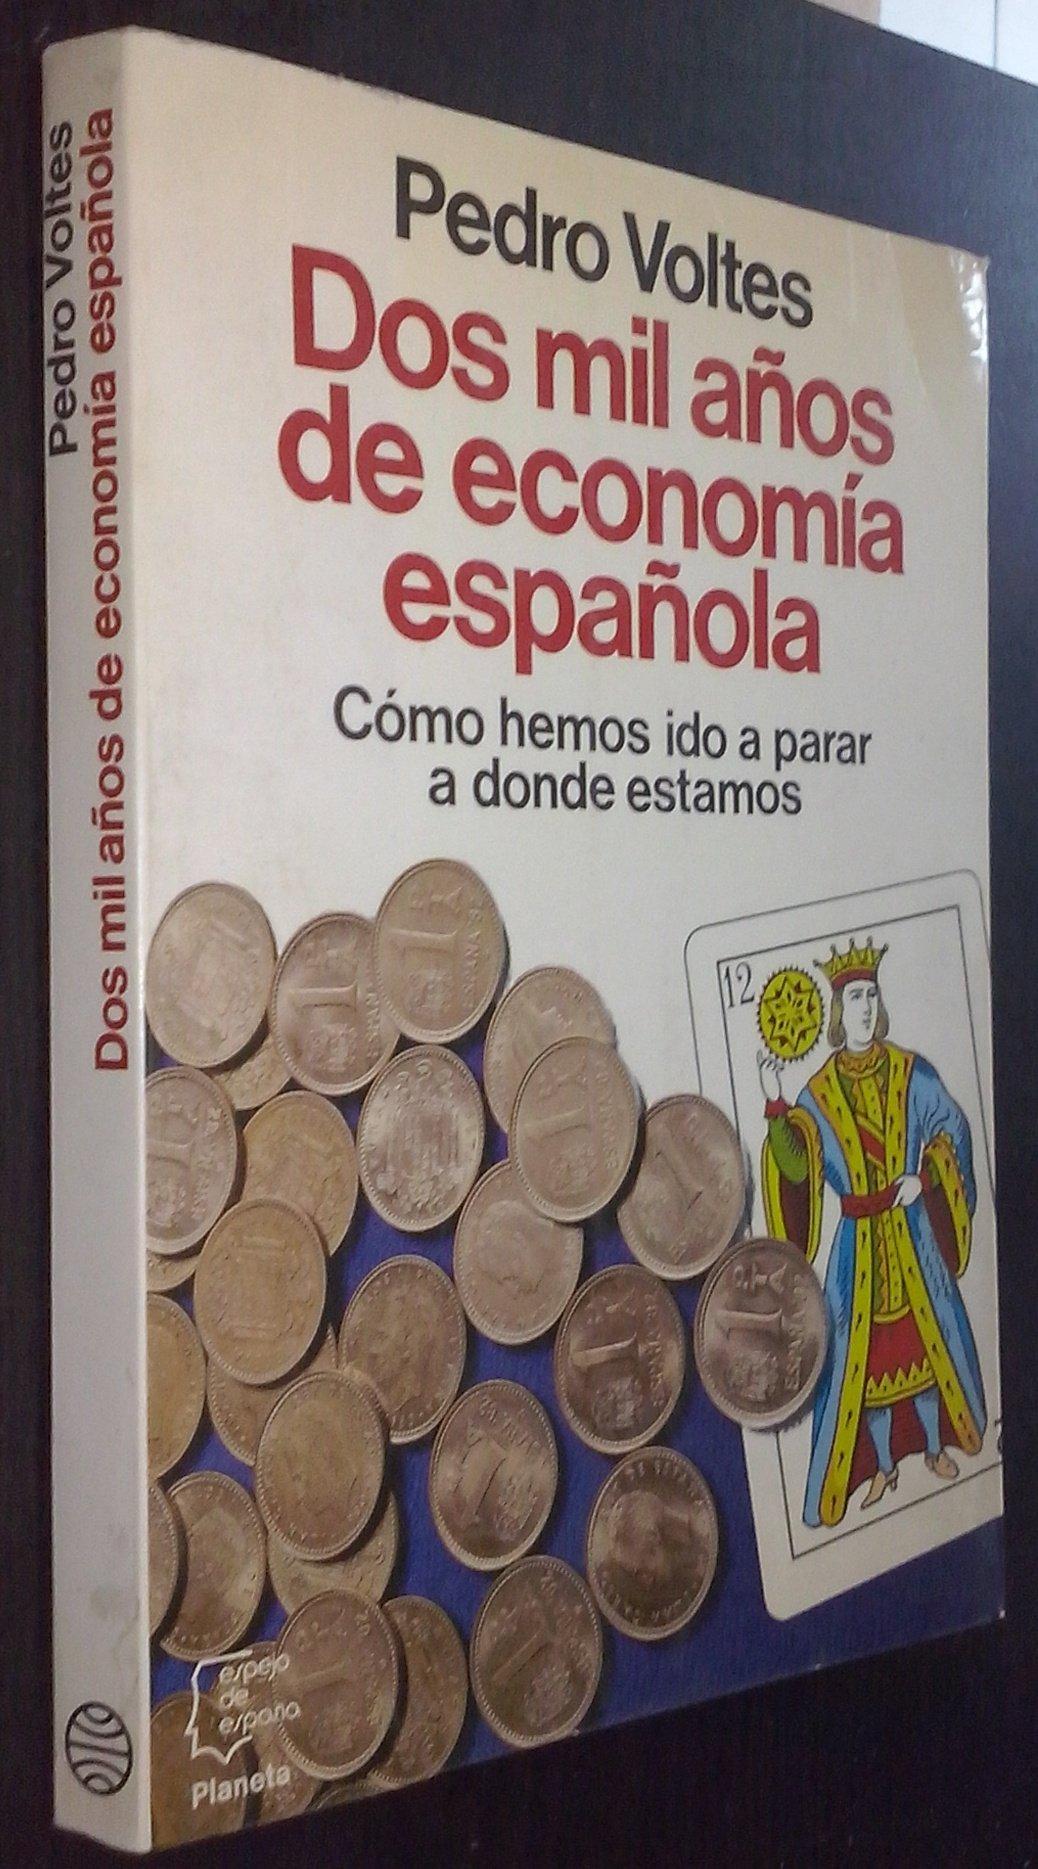 Dos mil años de economia española (Espejo de España): Amazon.es: Voltes Bou, Pedro: Libros